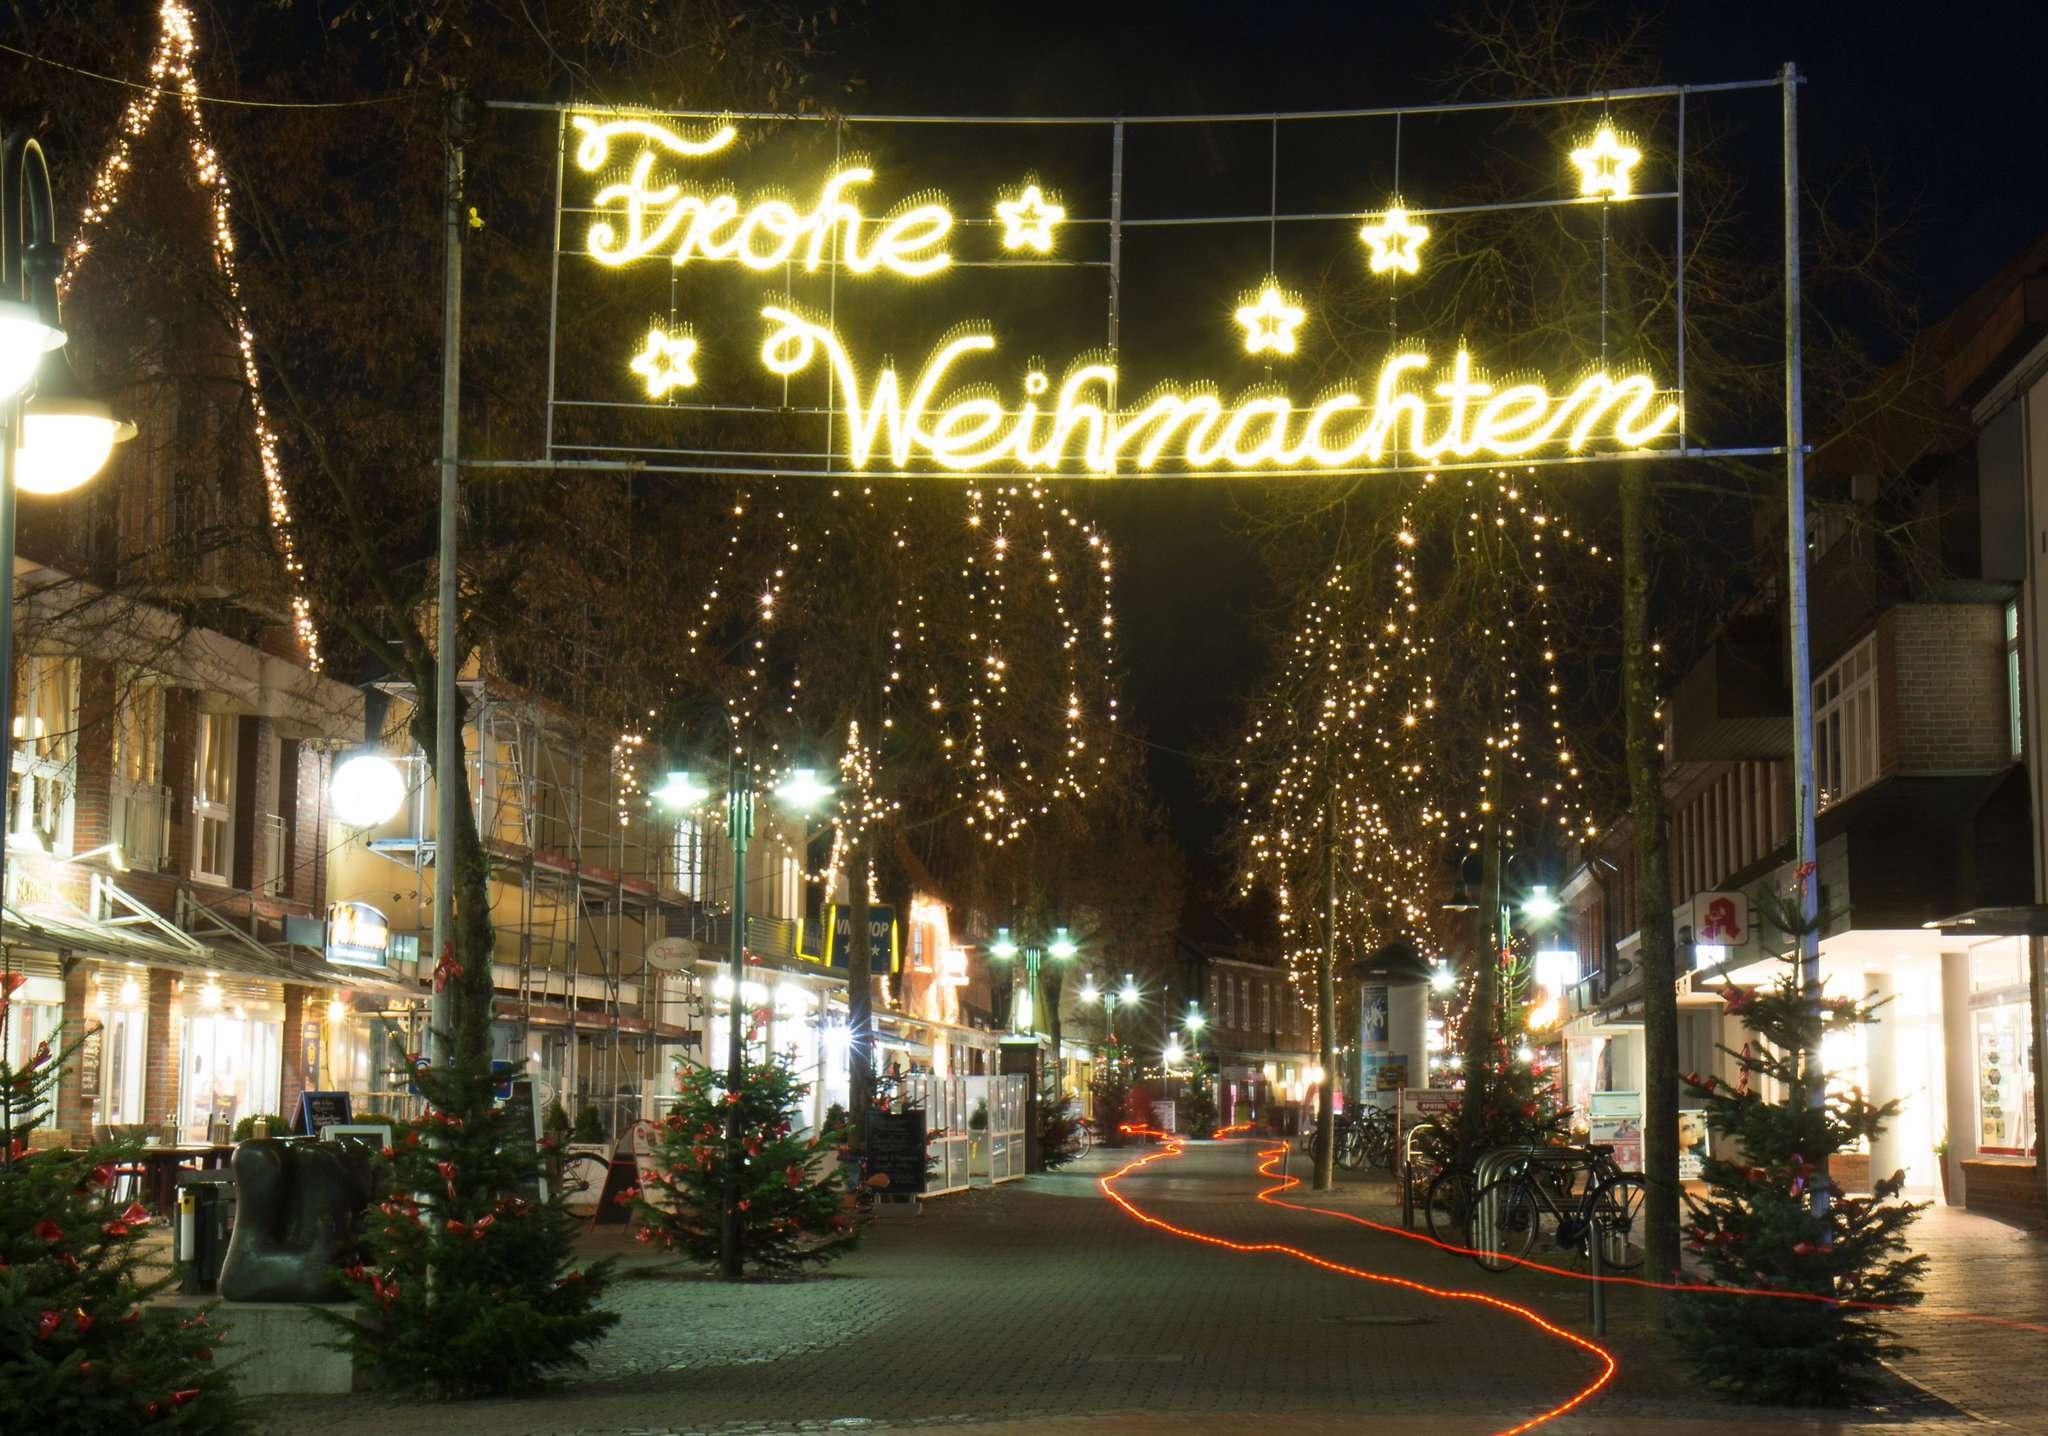 Die Beleuchtung in der Fußgängerzone sorgt für weihnachtliche Stimmung.